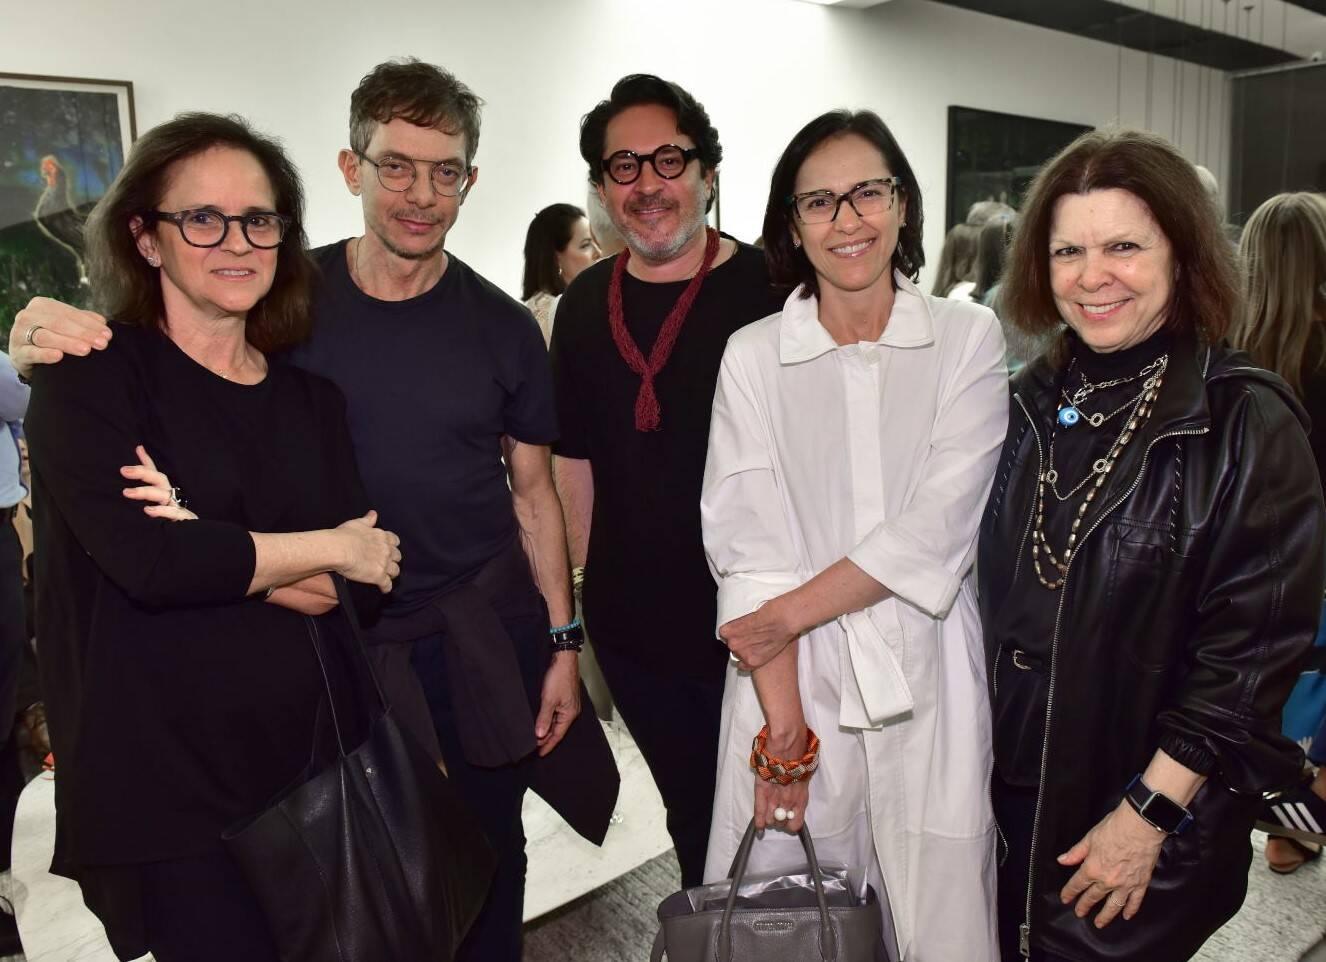 Patrícia Quentel, André Piva, Celso Rayol, Gisele Taranto e Vanda Klabin  em evento em 2019 /Foto: Arquivo site Lu Lacerda